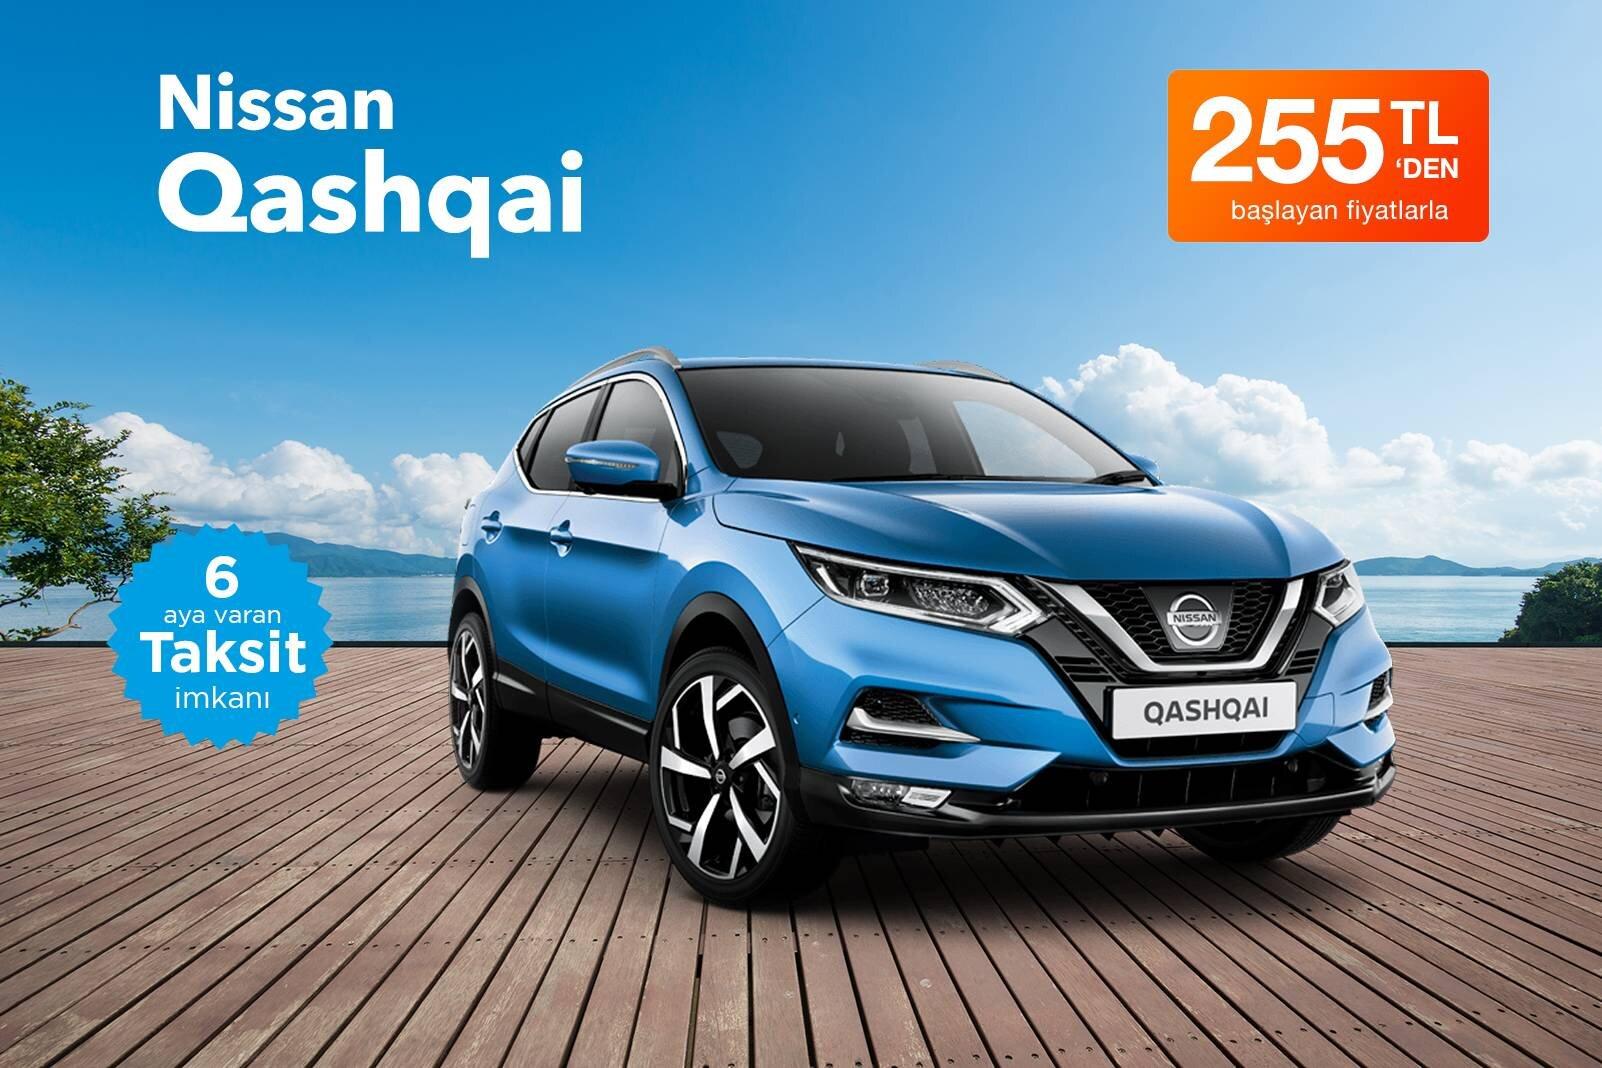 Nissan Qashqai Kiralama Fırsatı